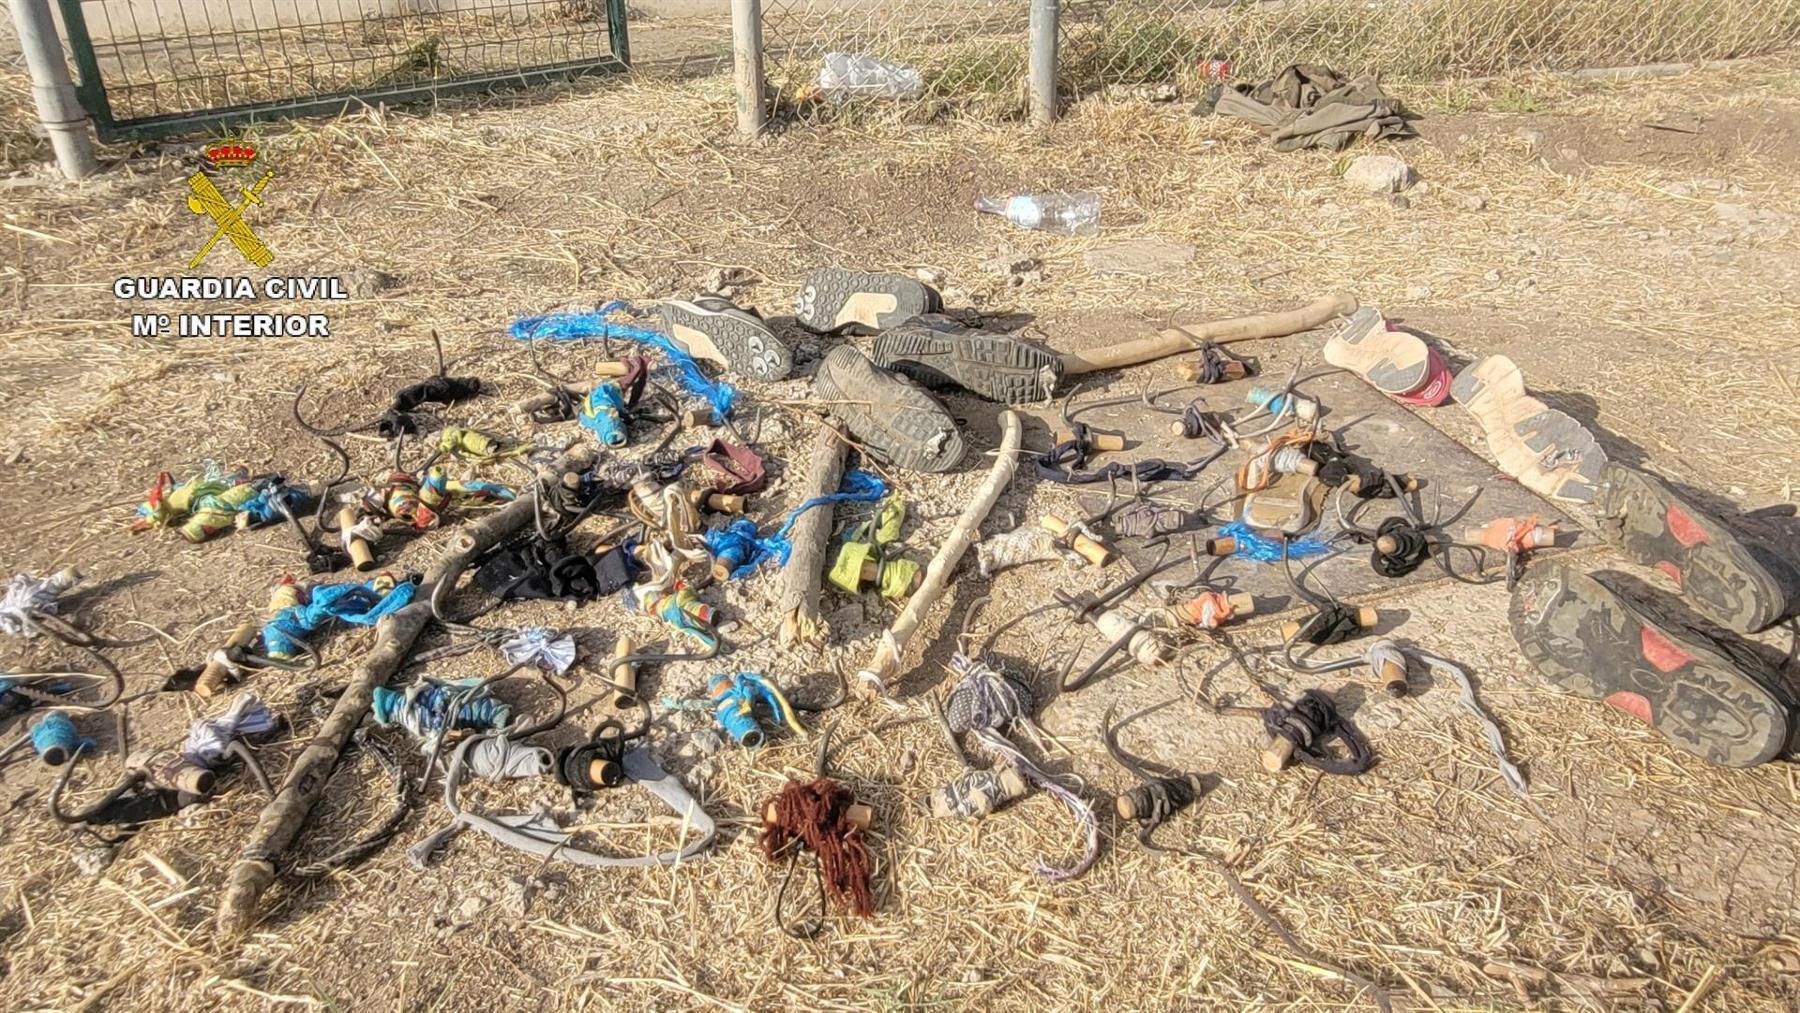 Objetos empleados por inmigrantes ilegales en su salto a la valla de Melilla de este miércoles 14 de julio (GUARDIA CIVIL). (1)